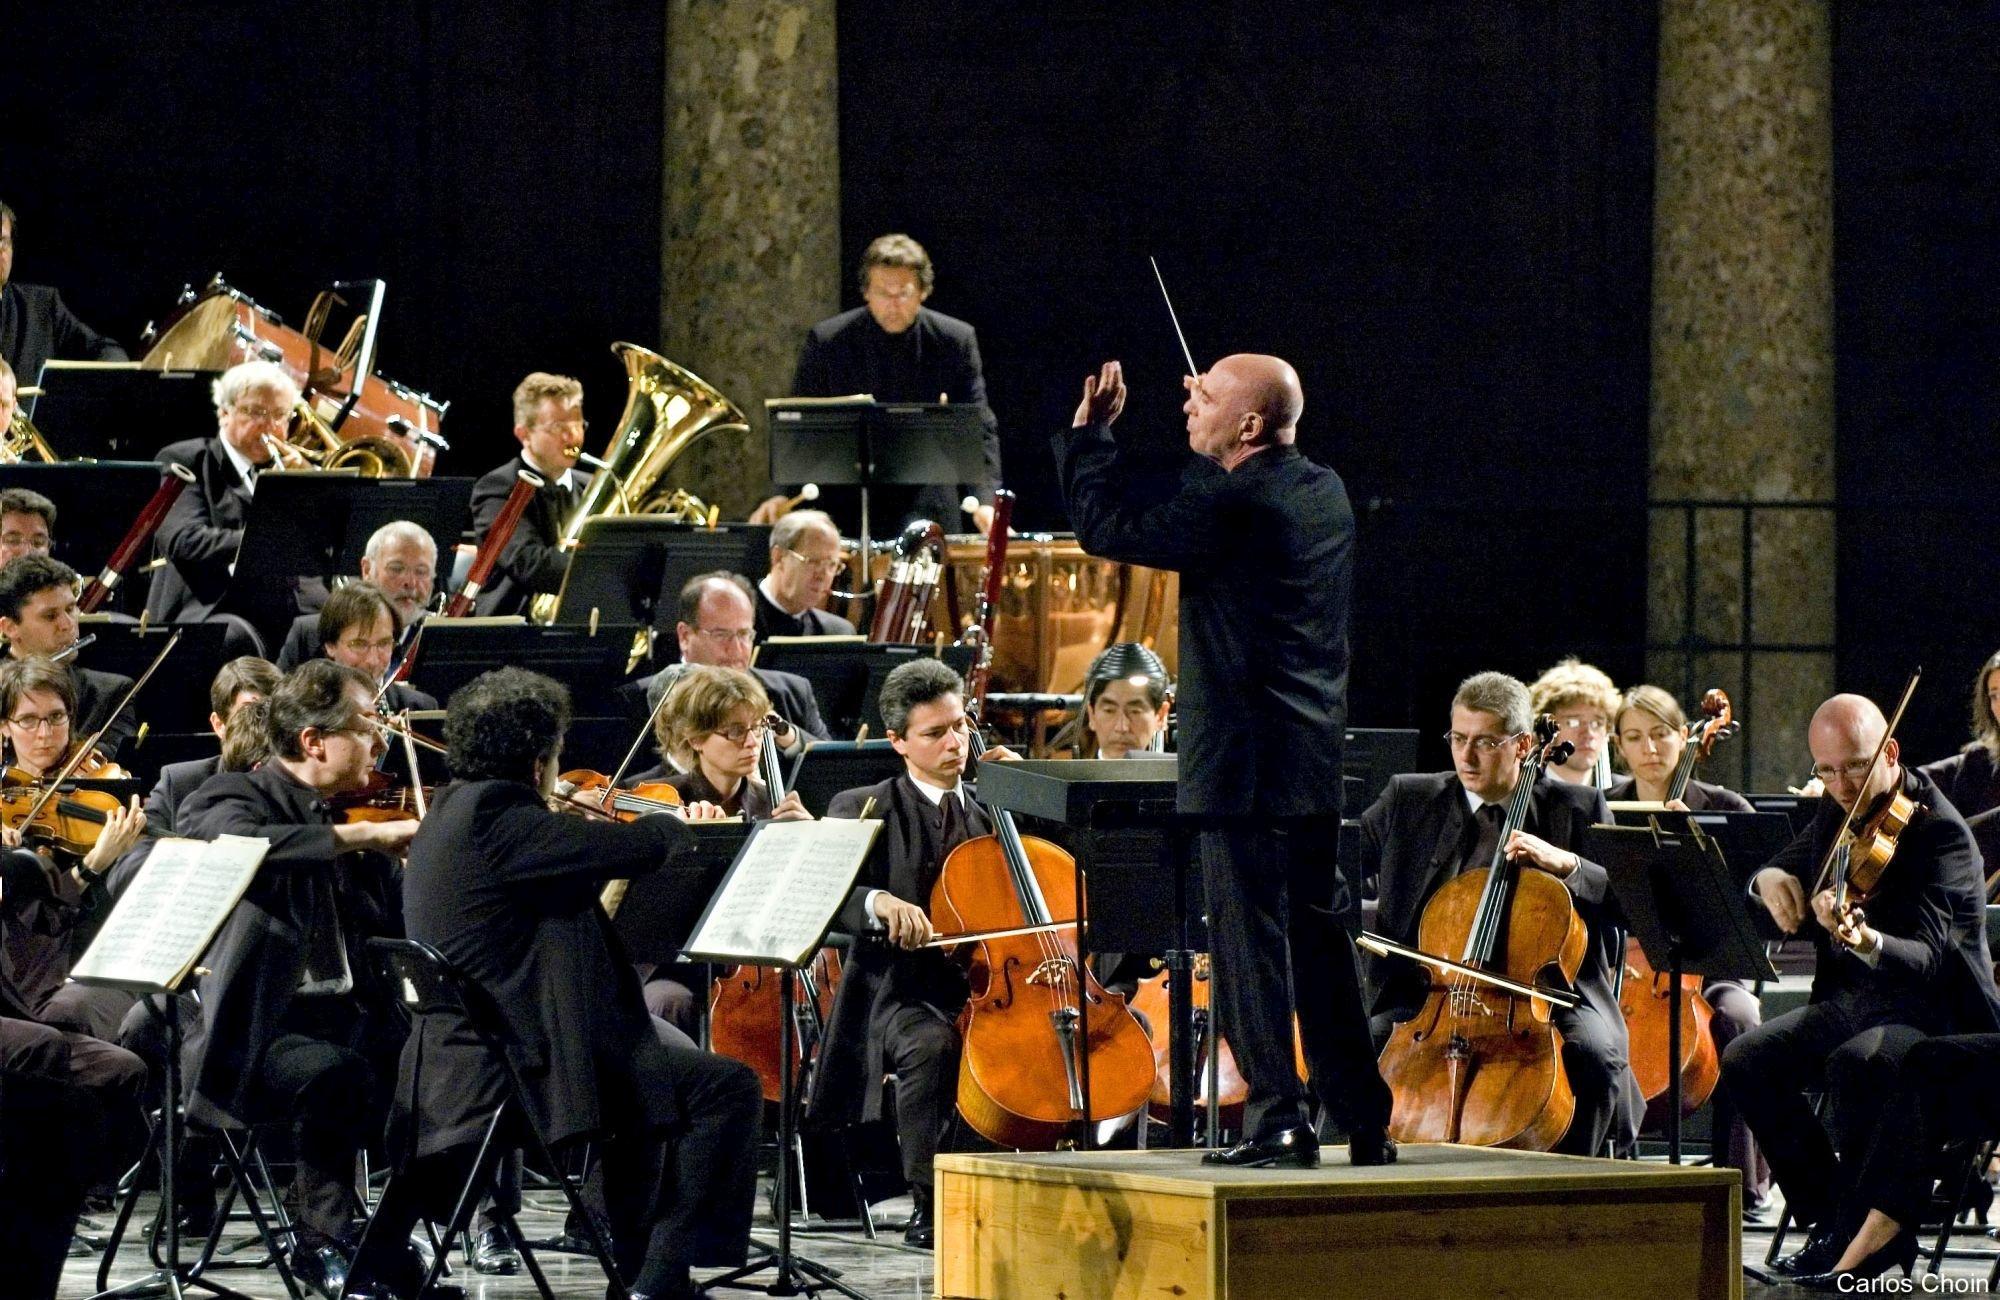 Heras-Casado dirige a la Orquesta de París en el homenaje al compositor Hector Berlioz con motivo del 150 aniversario de su muerte